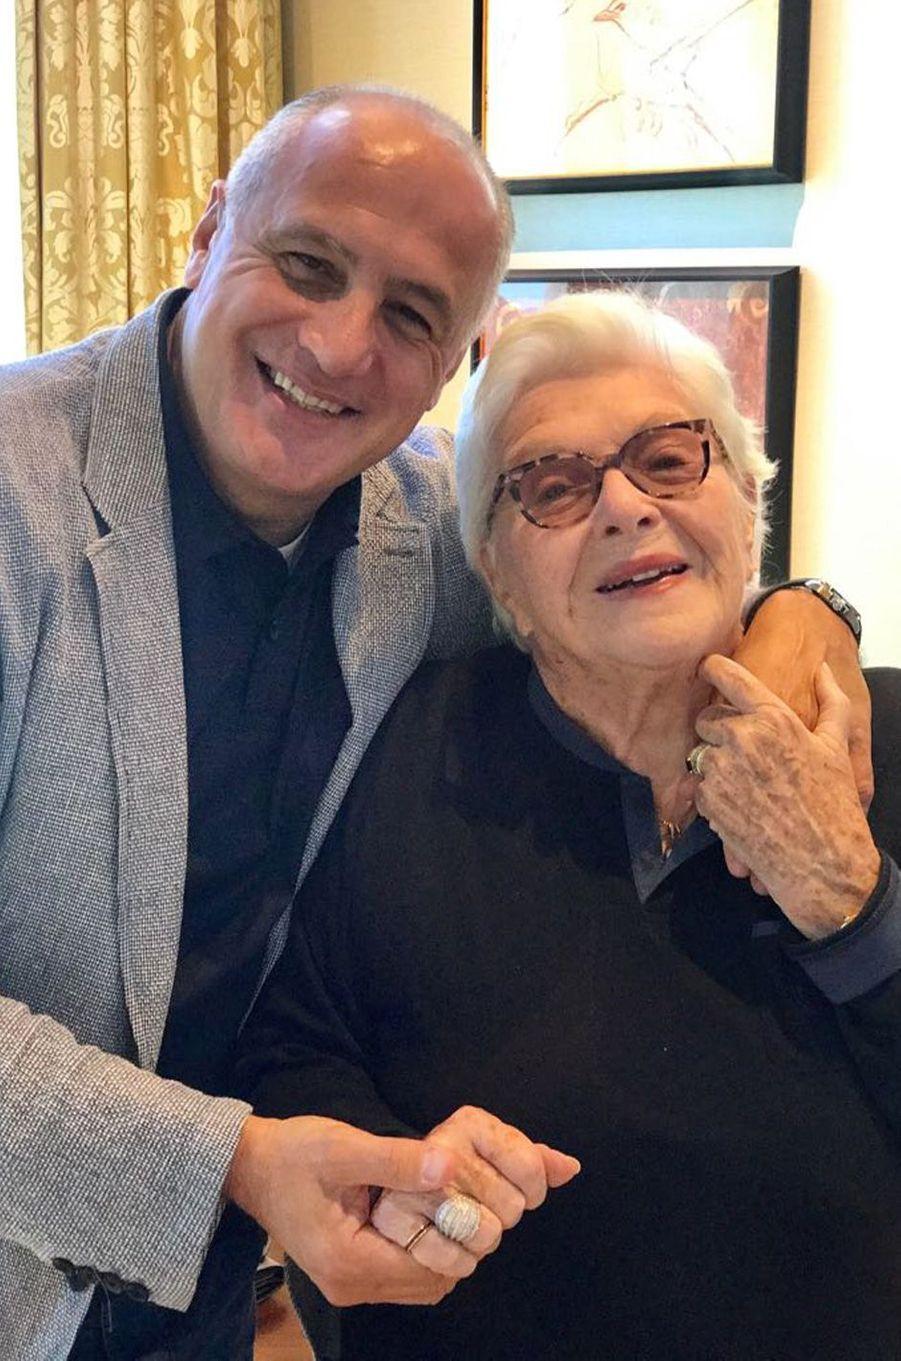 Marcel Ghanem, journaliste vedette du Liban, étaità Vegas pour une convention. Quand il a appris que Line Renaud y était aussi, il a demandé à la voir. Il était très ému de rencontrer l'actrice, qui s'imagine déjà jouer au théâtre au Liban.